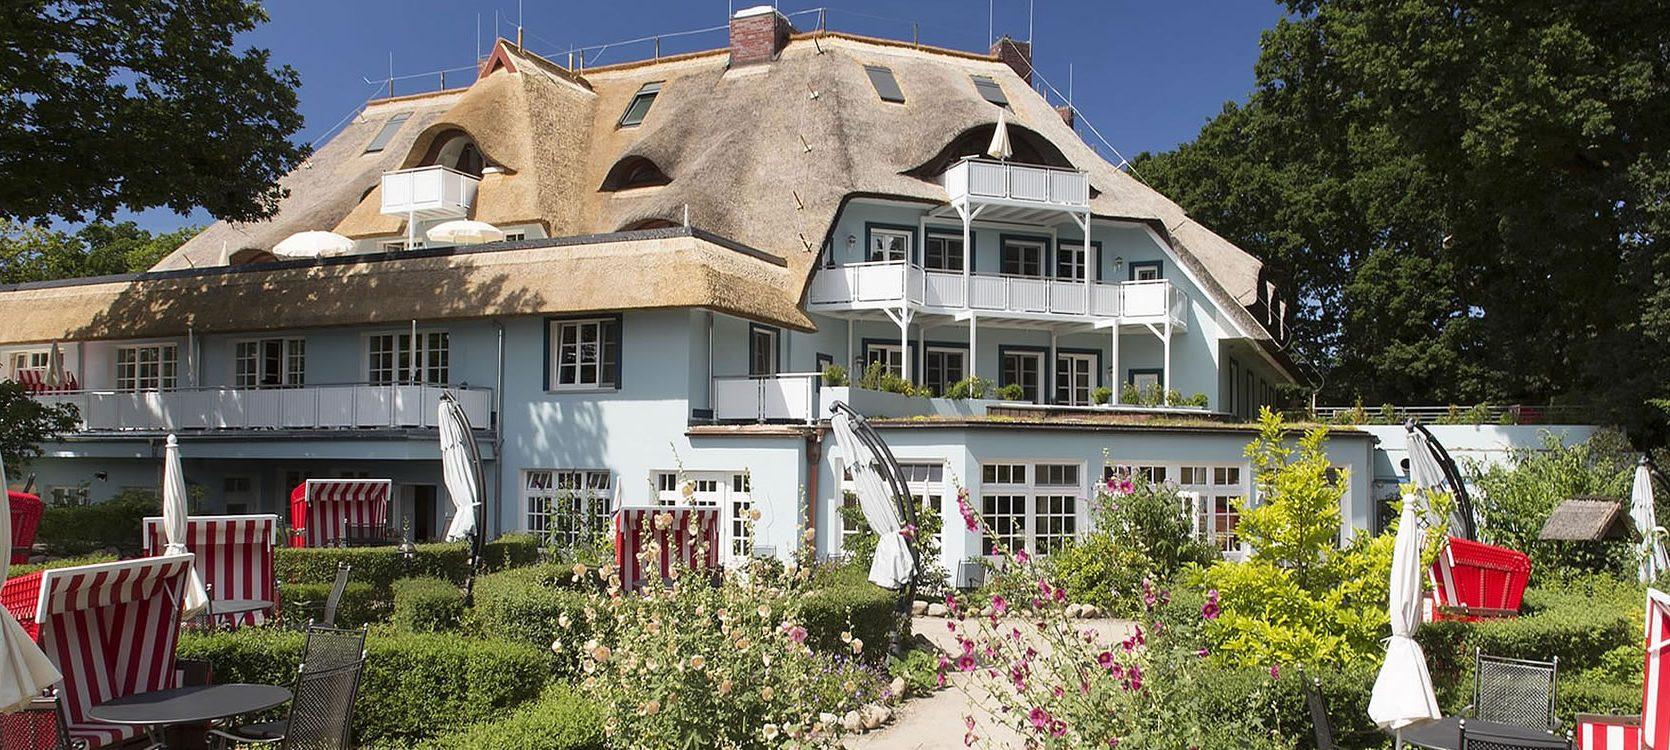 Hotel Fischerwiege zur Bodenseite, mit Frühstücksgarten